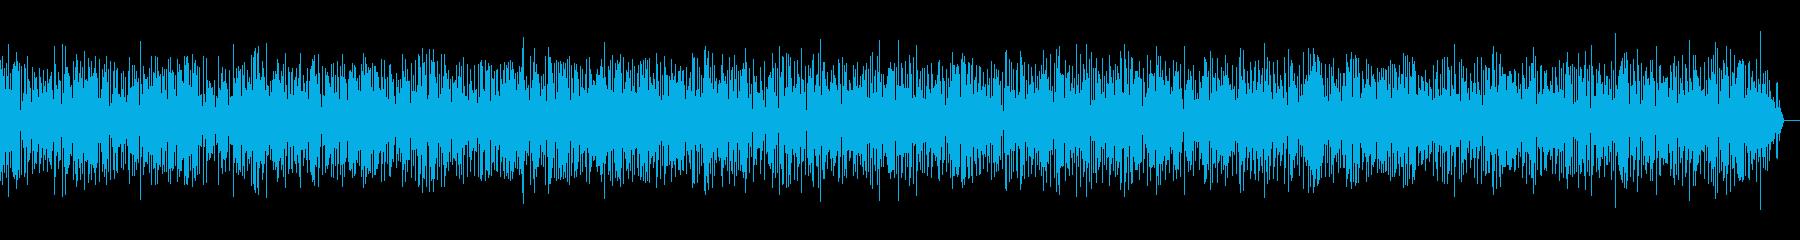 ヨーロッパの街角アコーディオンジャズの再生済みの波形